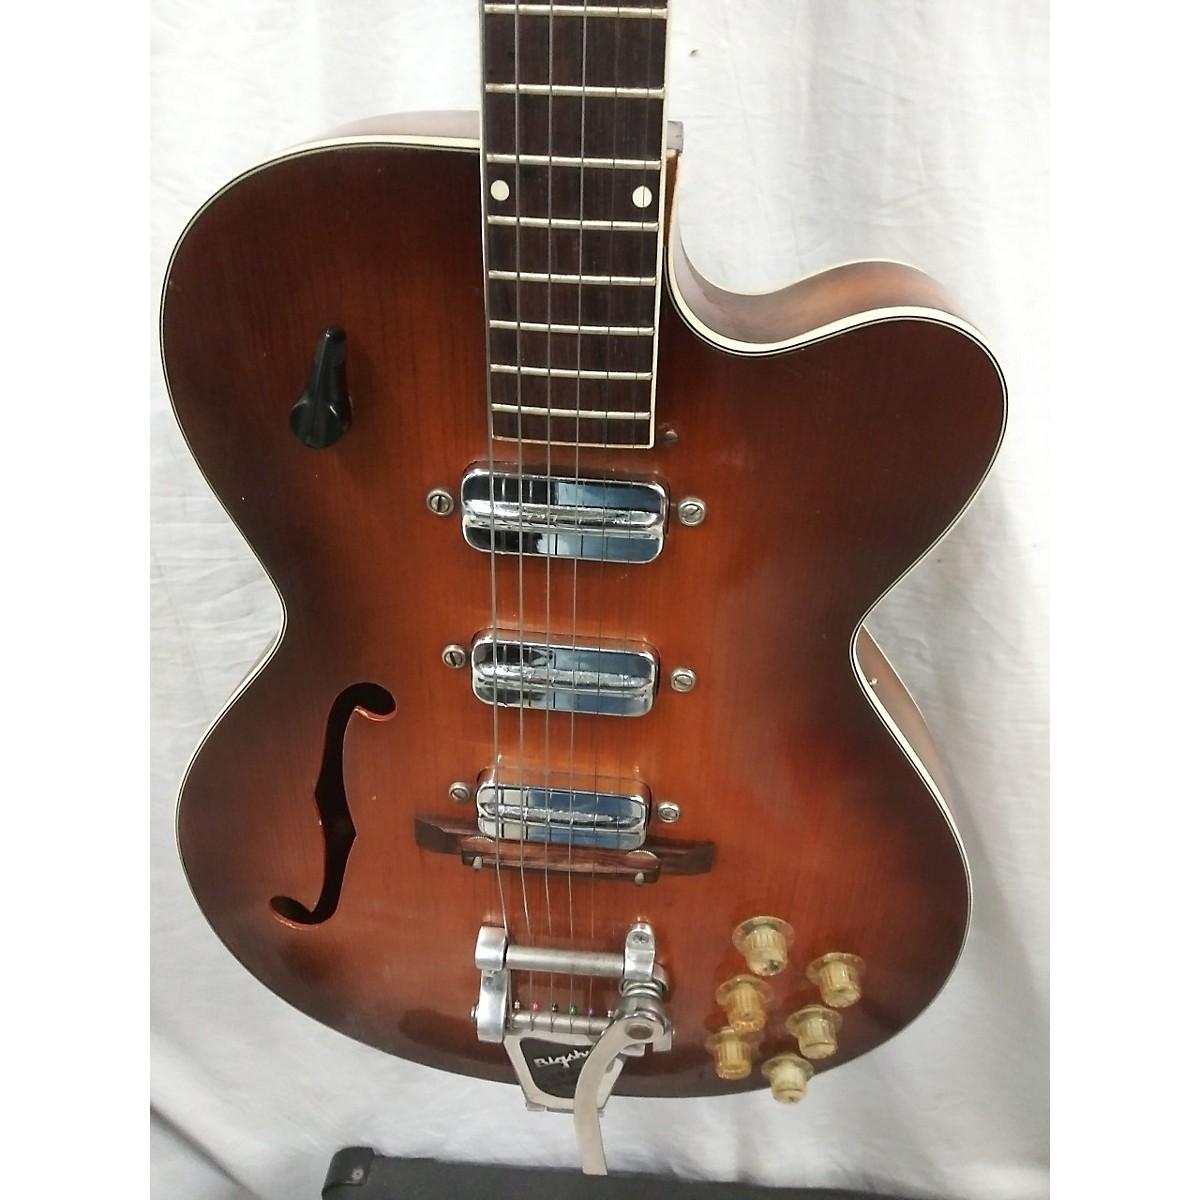 Kay 1961 6890 Hollow Body Electric Guitar